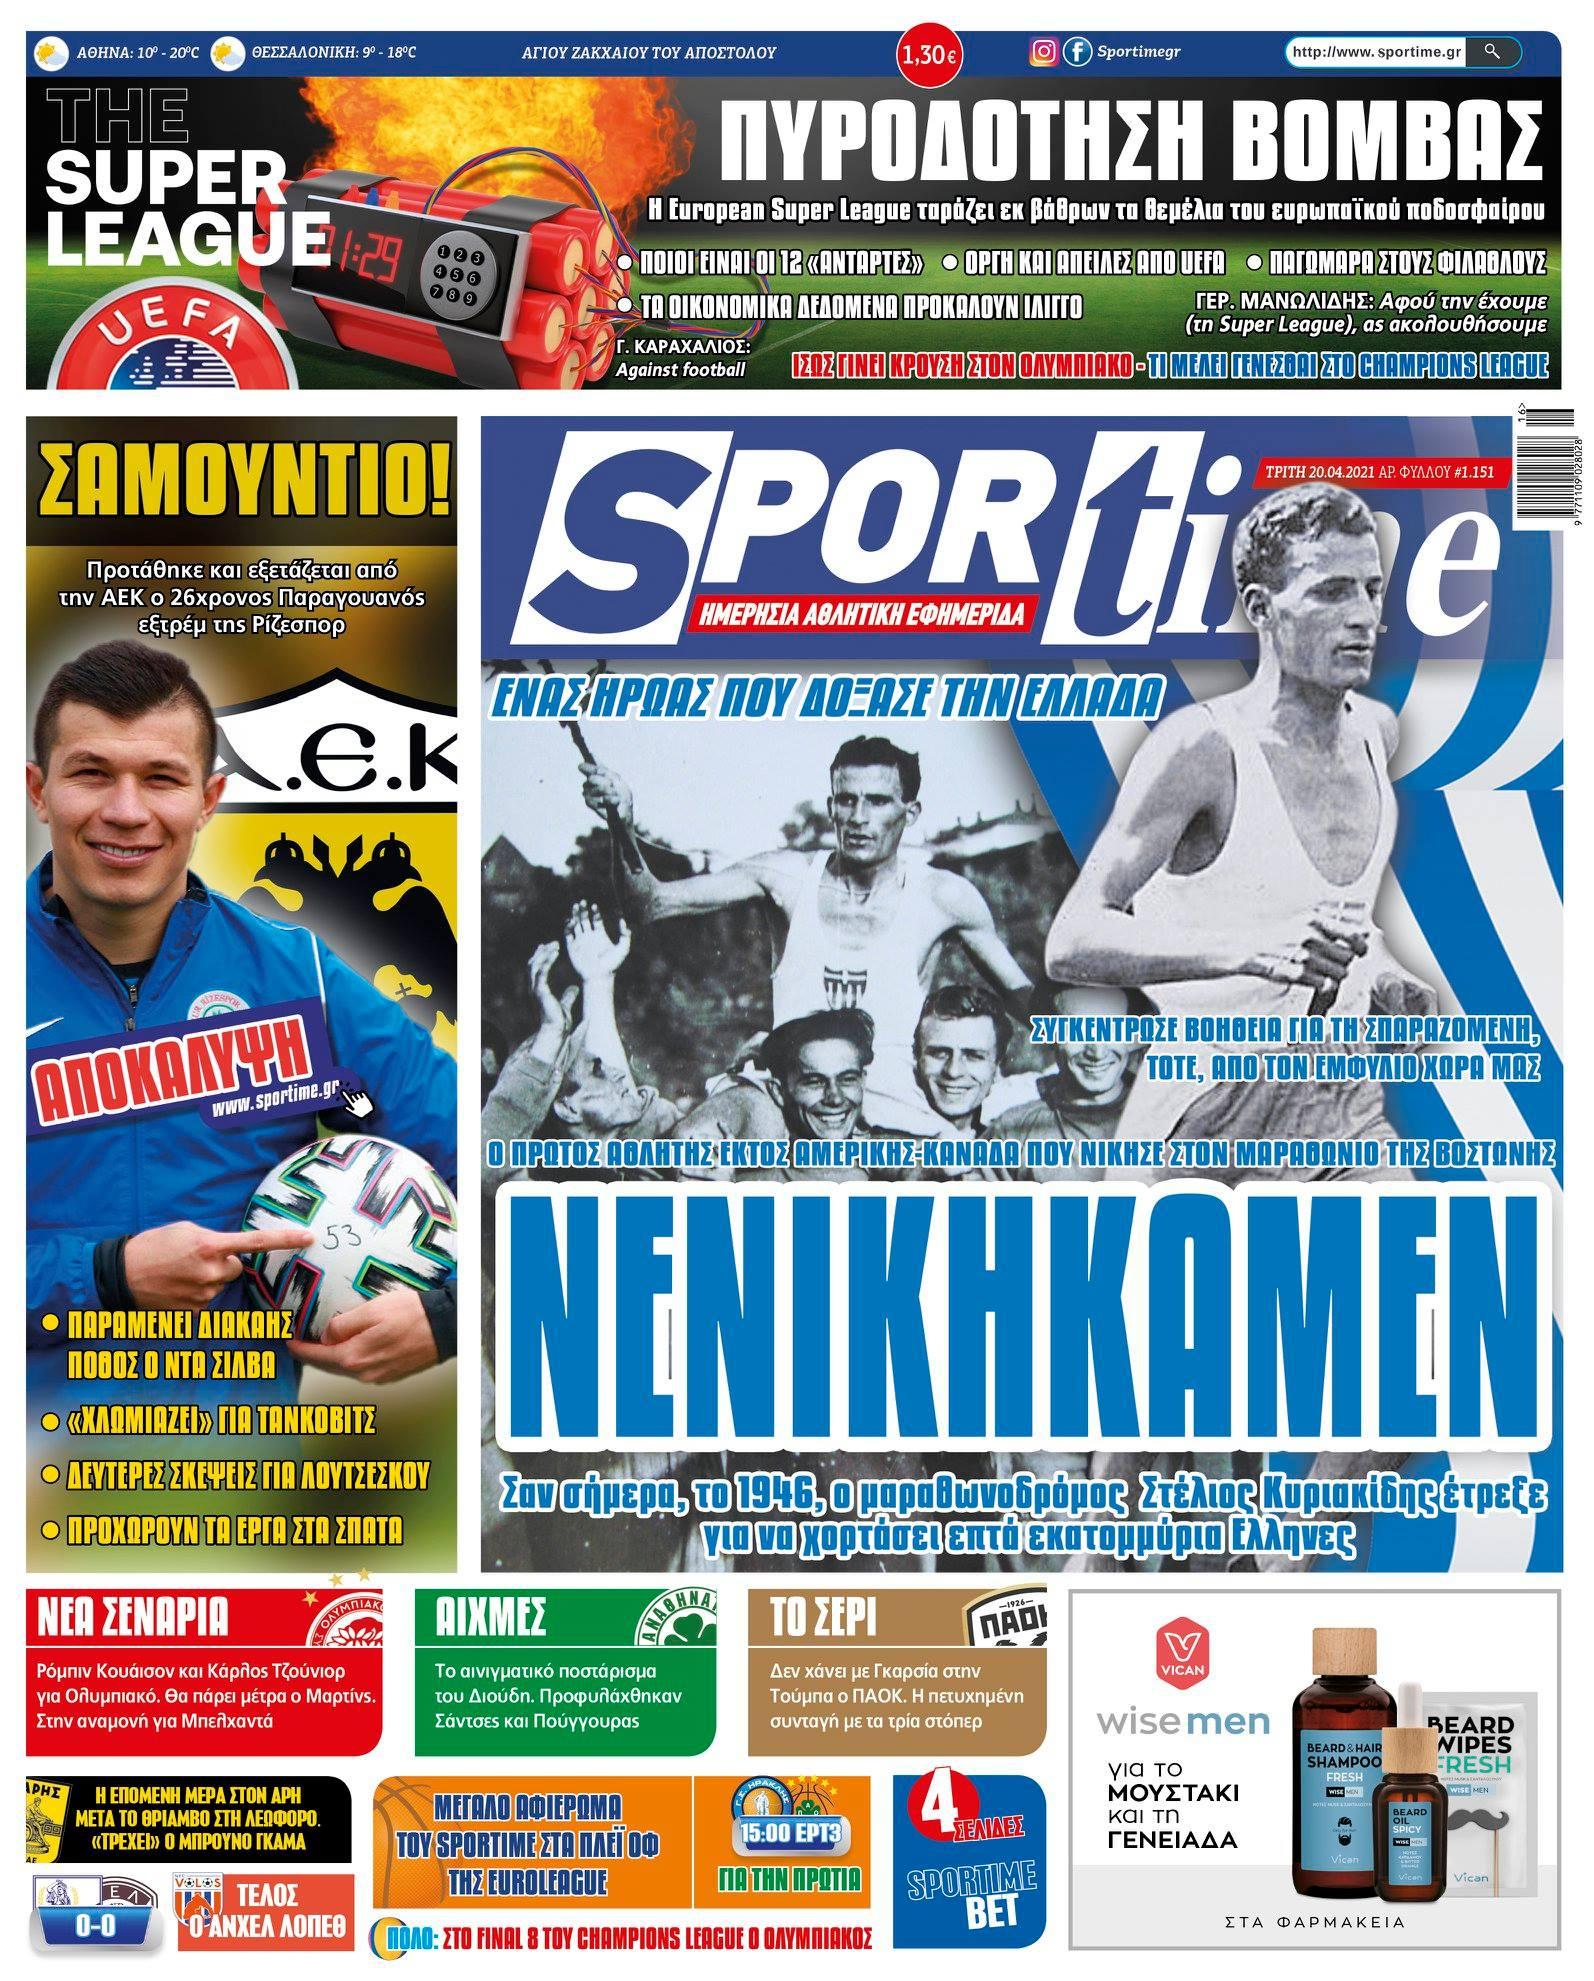 Εφημερίδα SPORTIME - Εξώφυλλο φύλλου 20/4/2021